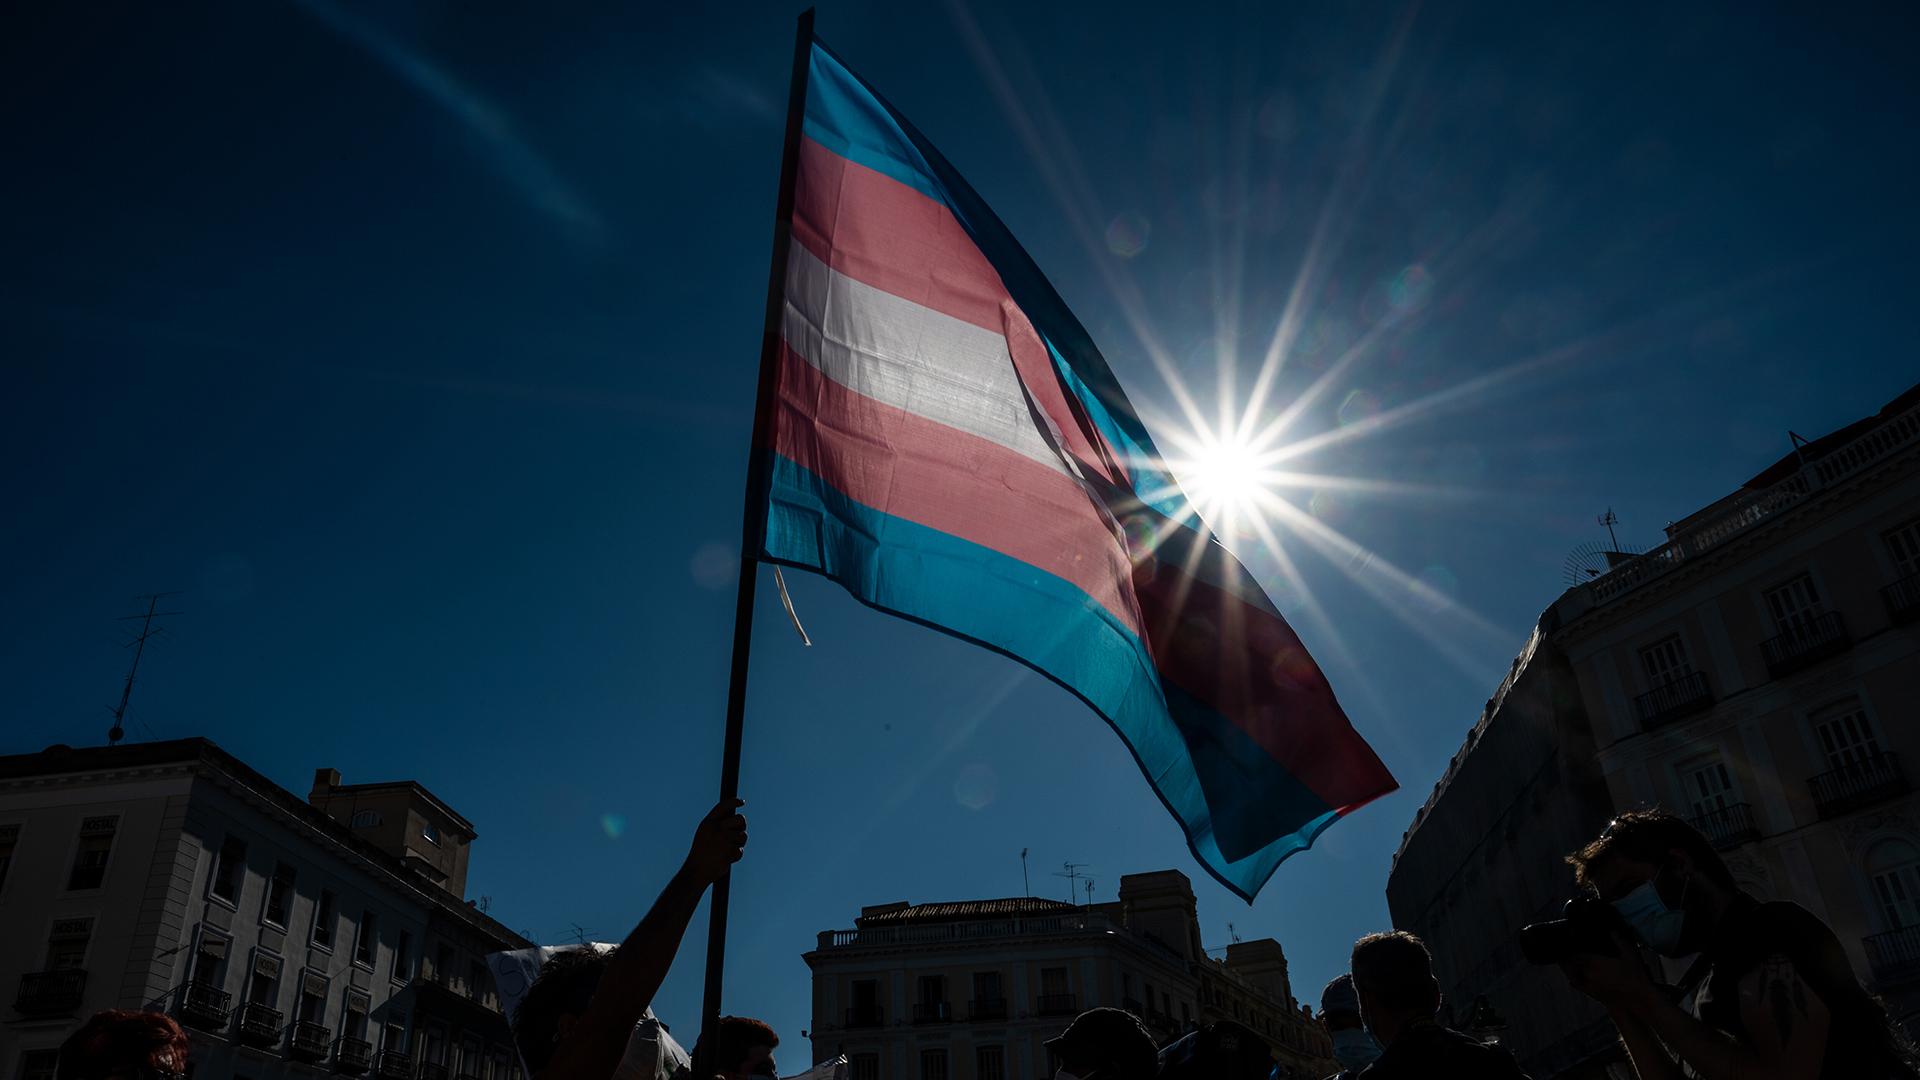 Újabb amerikai állam engedélyezte a transzneműek nemváltását